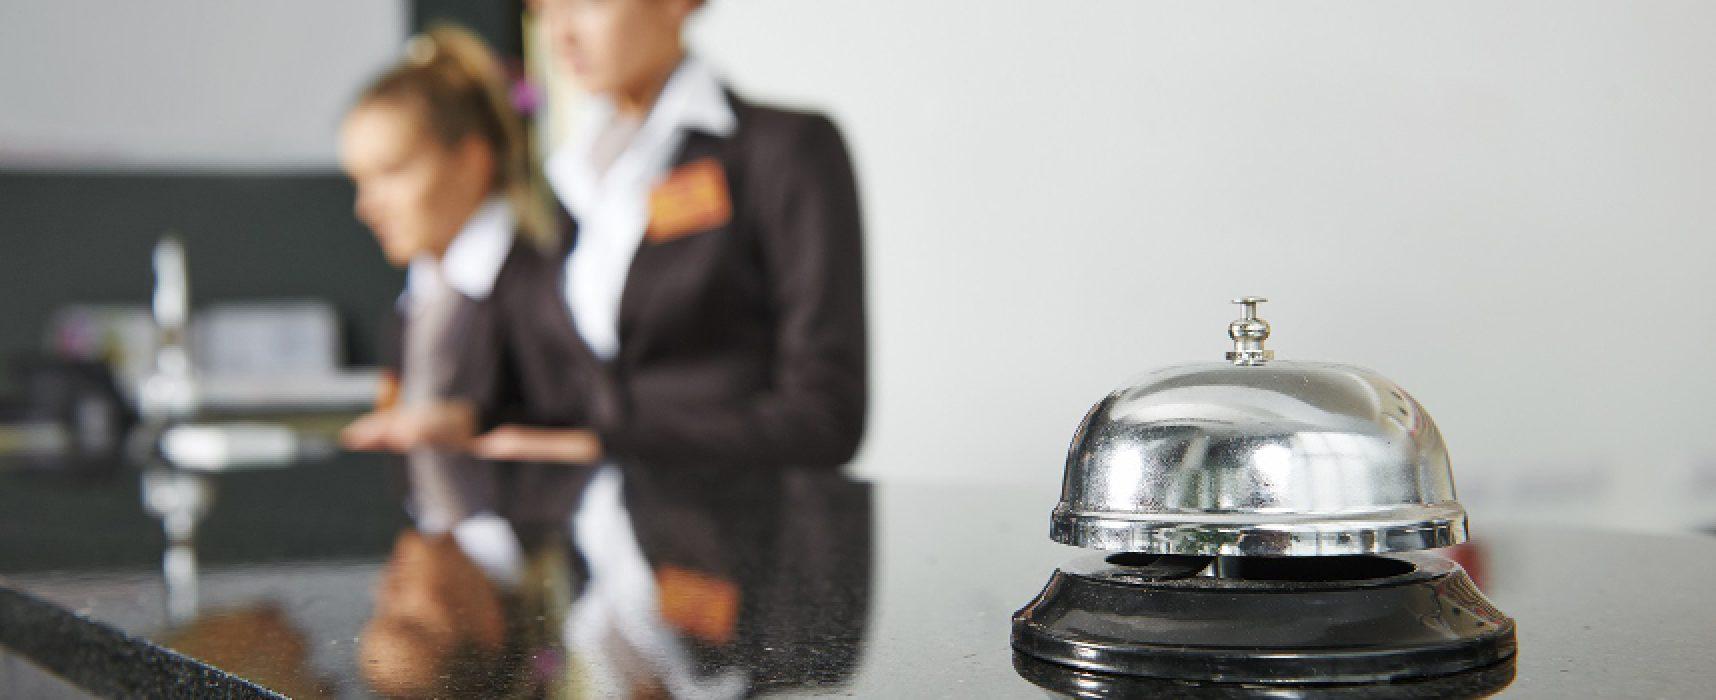 Turismo e ristorazione, struttura biscegliese cerca figure professionali / COME CANDIDARSI